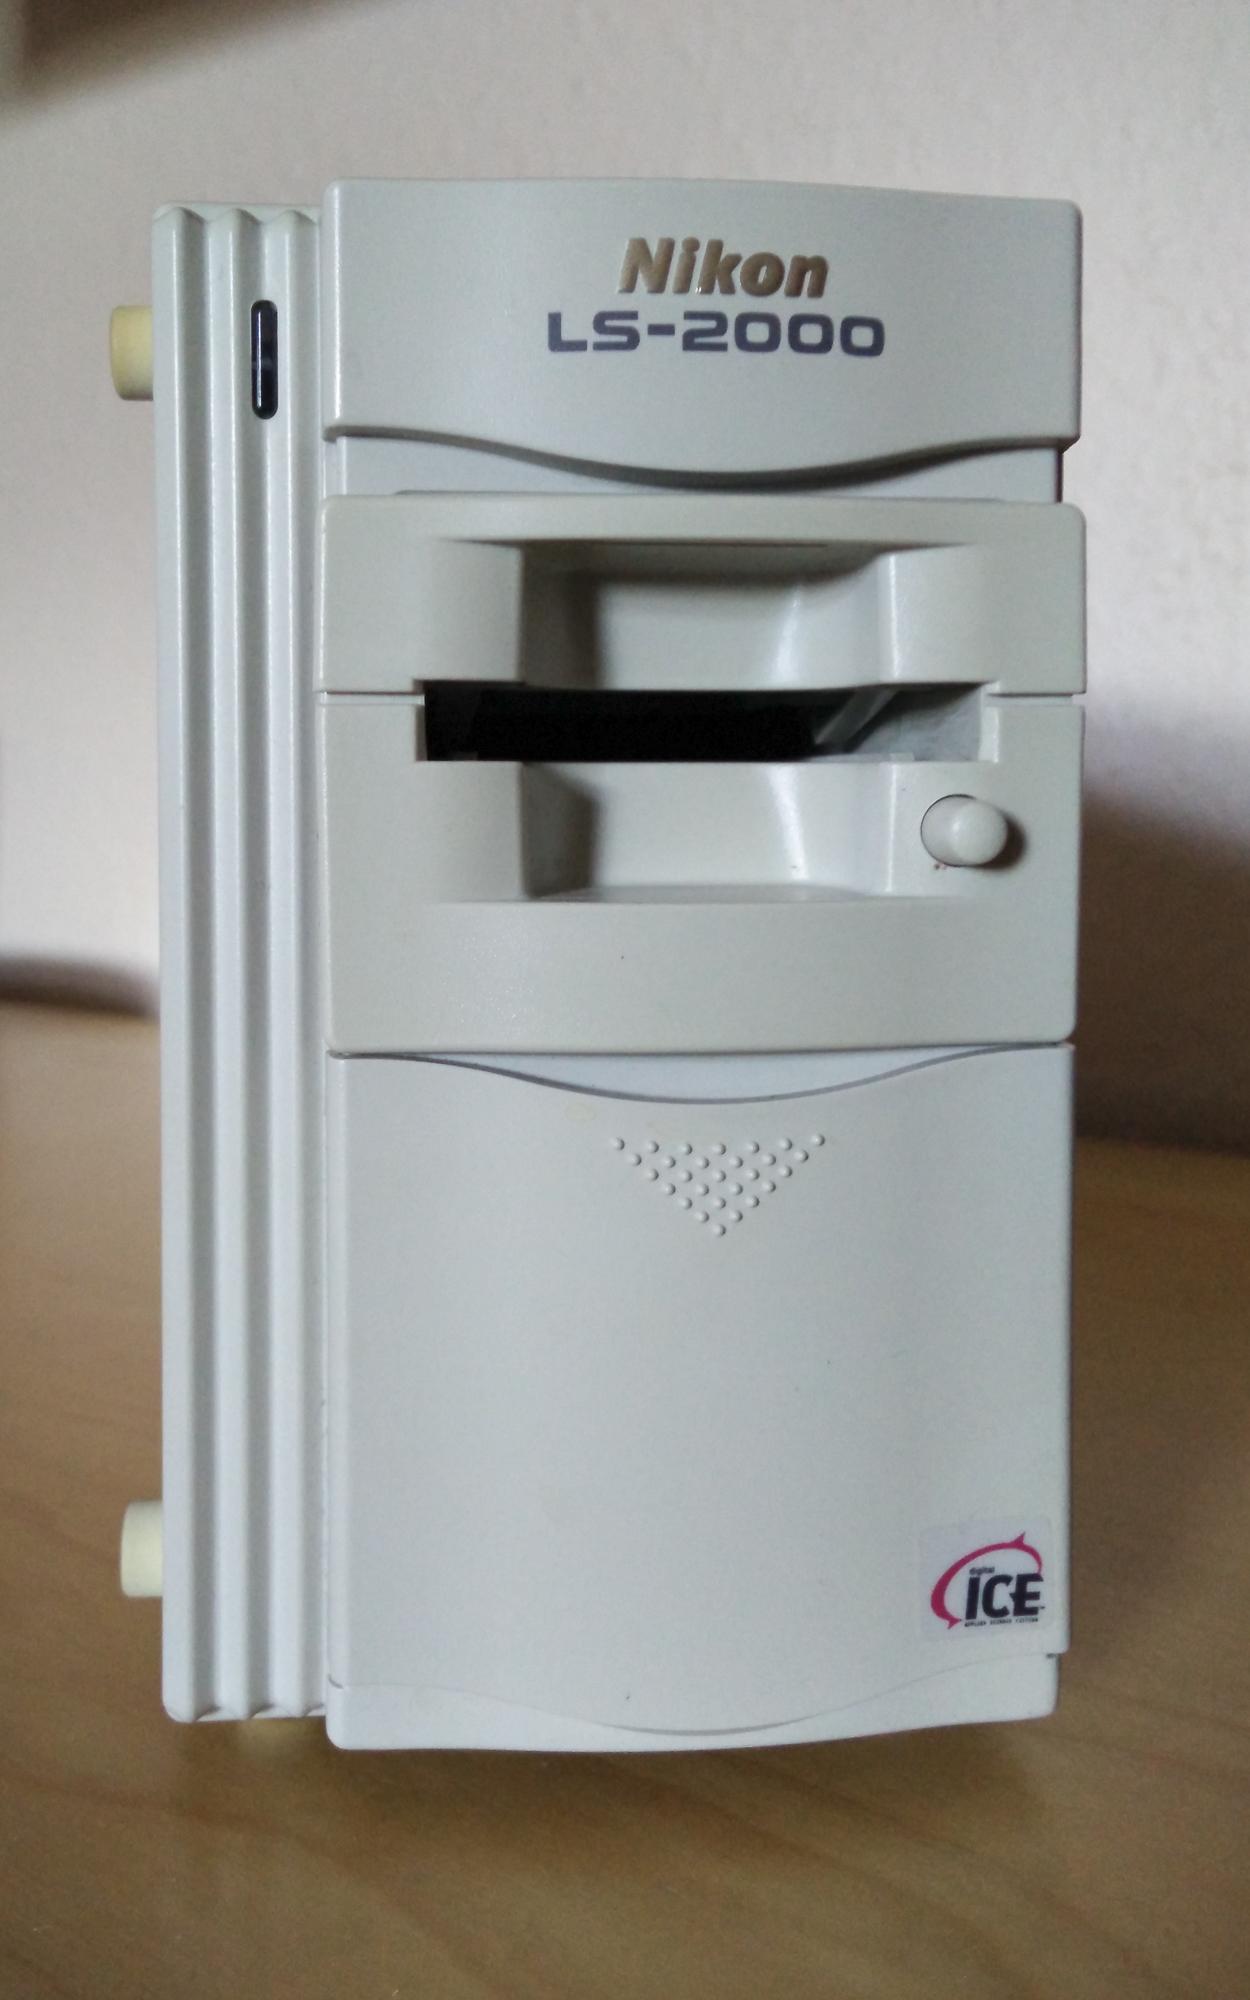 Brugt Nikon LS-2000 filmscanner der sælges af Jan Høst-Aaris tlf. 21664018